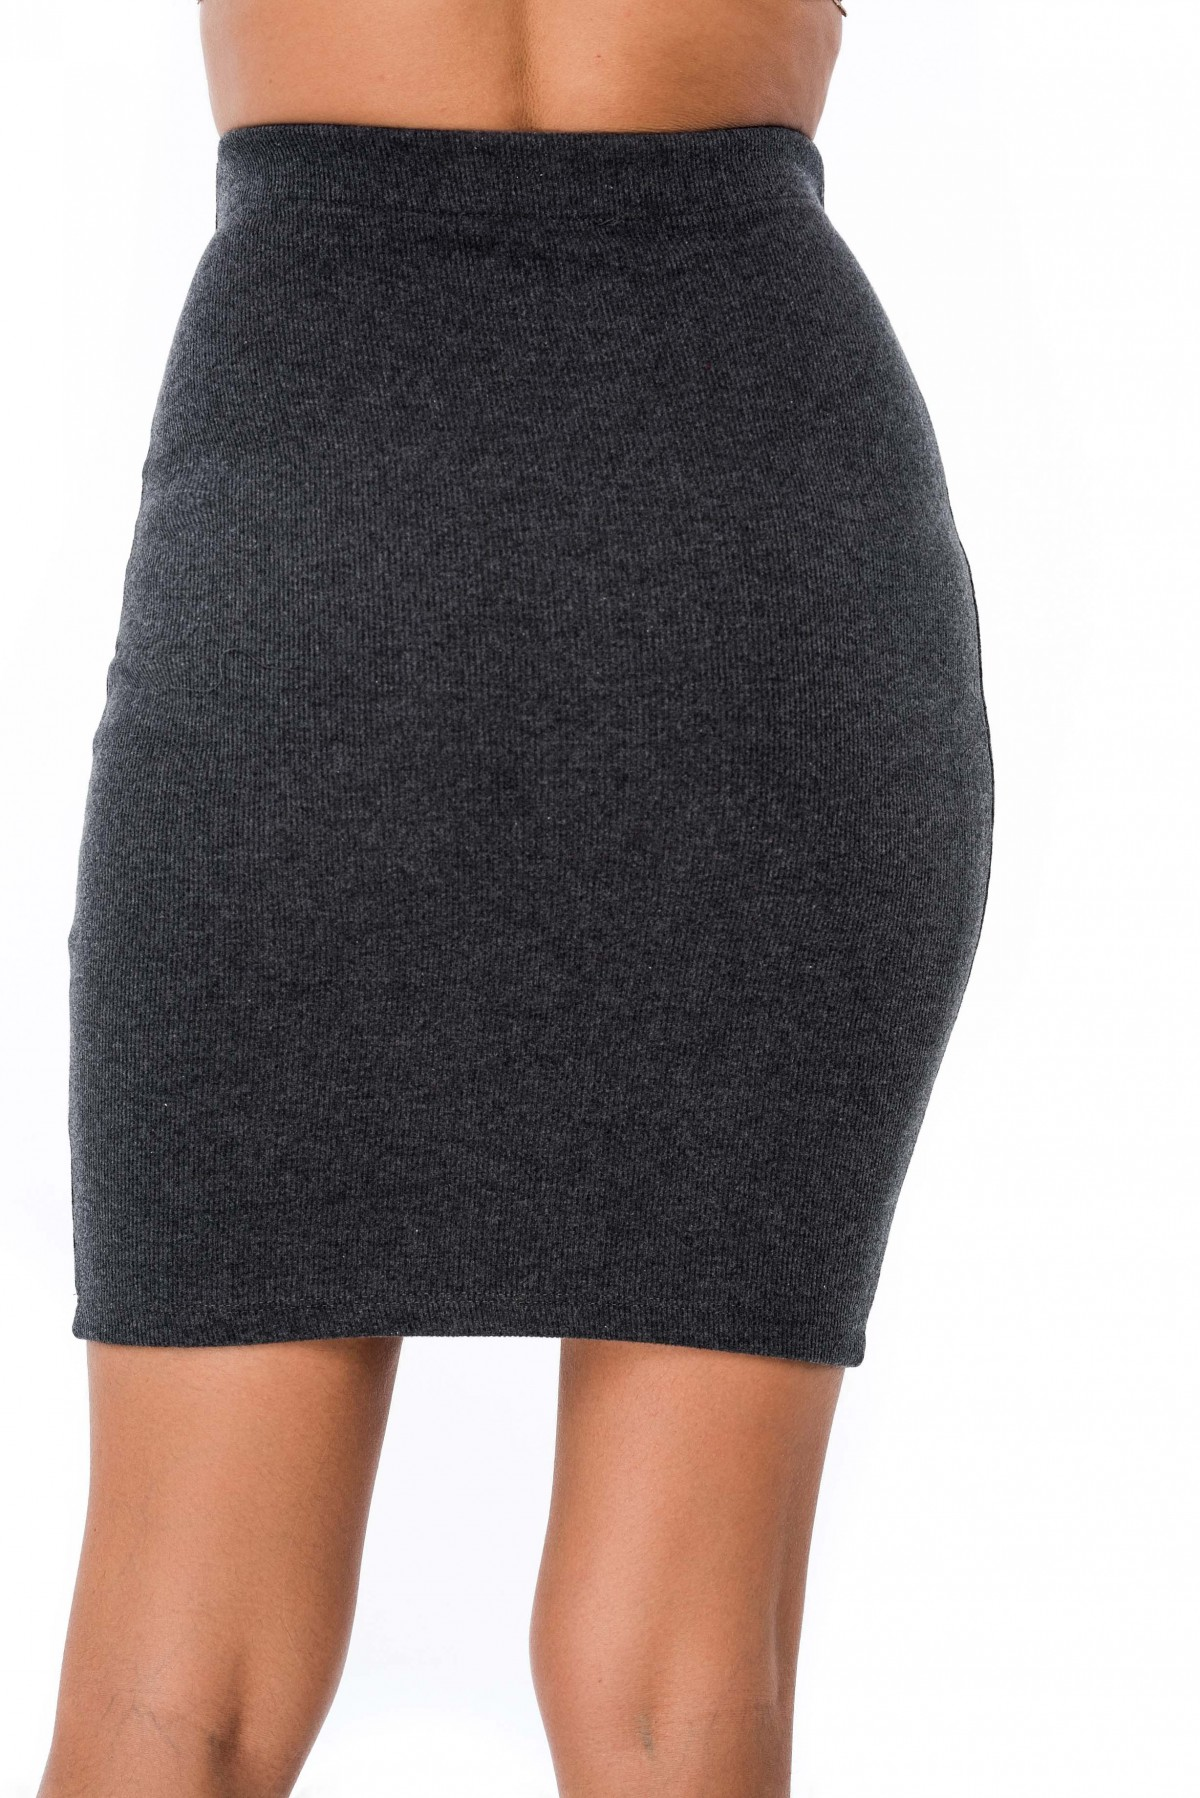 Трикотажная юбка карандаш доставка